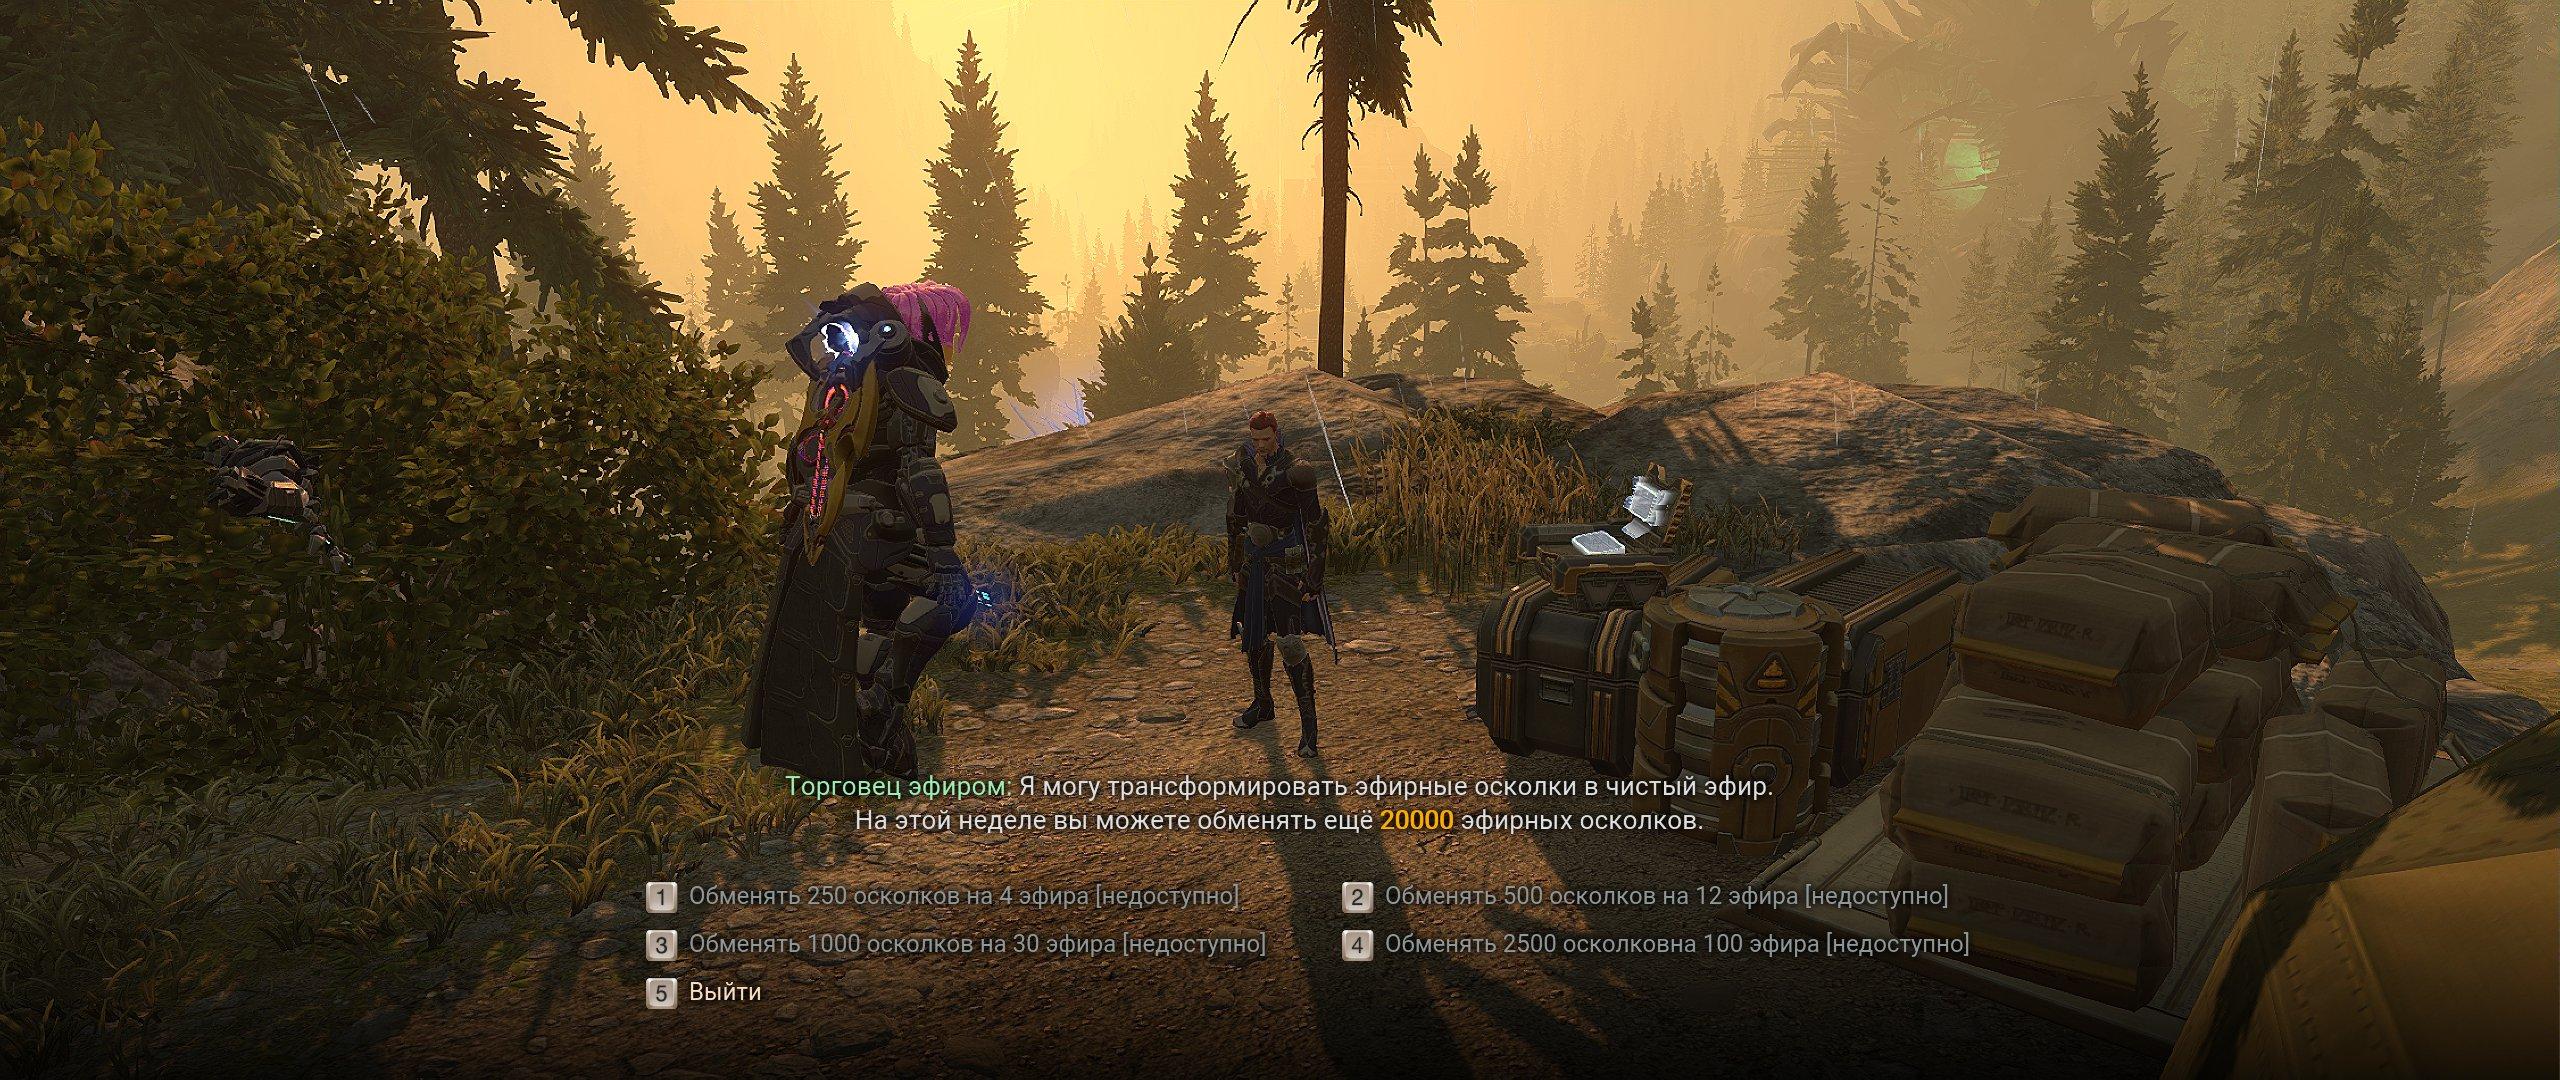 Screenshots 201222 171558.jpg